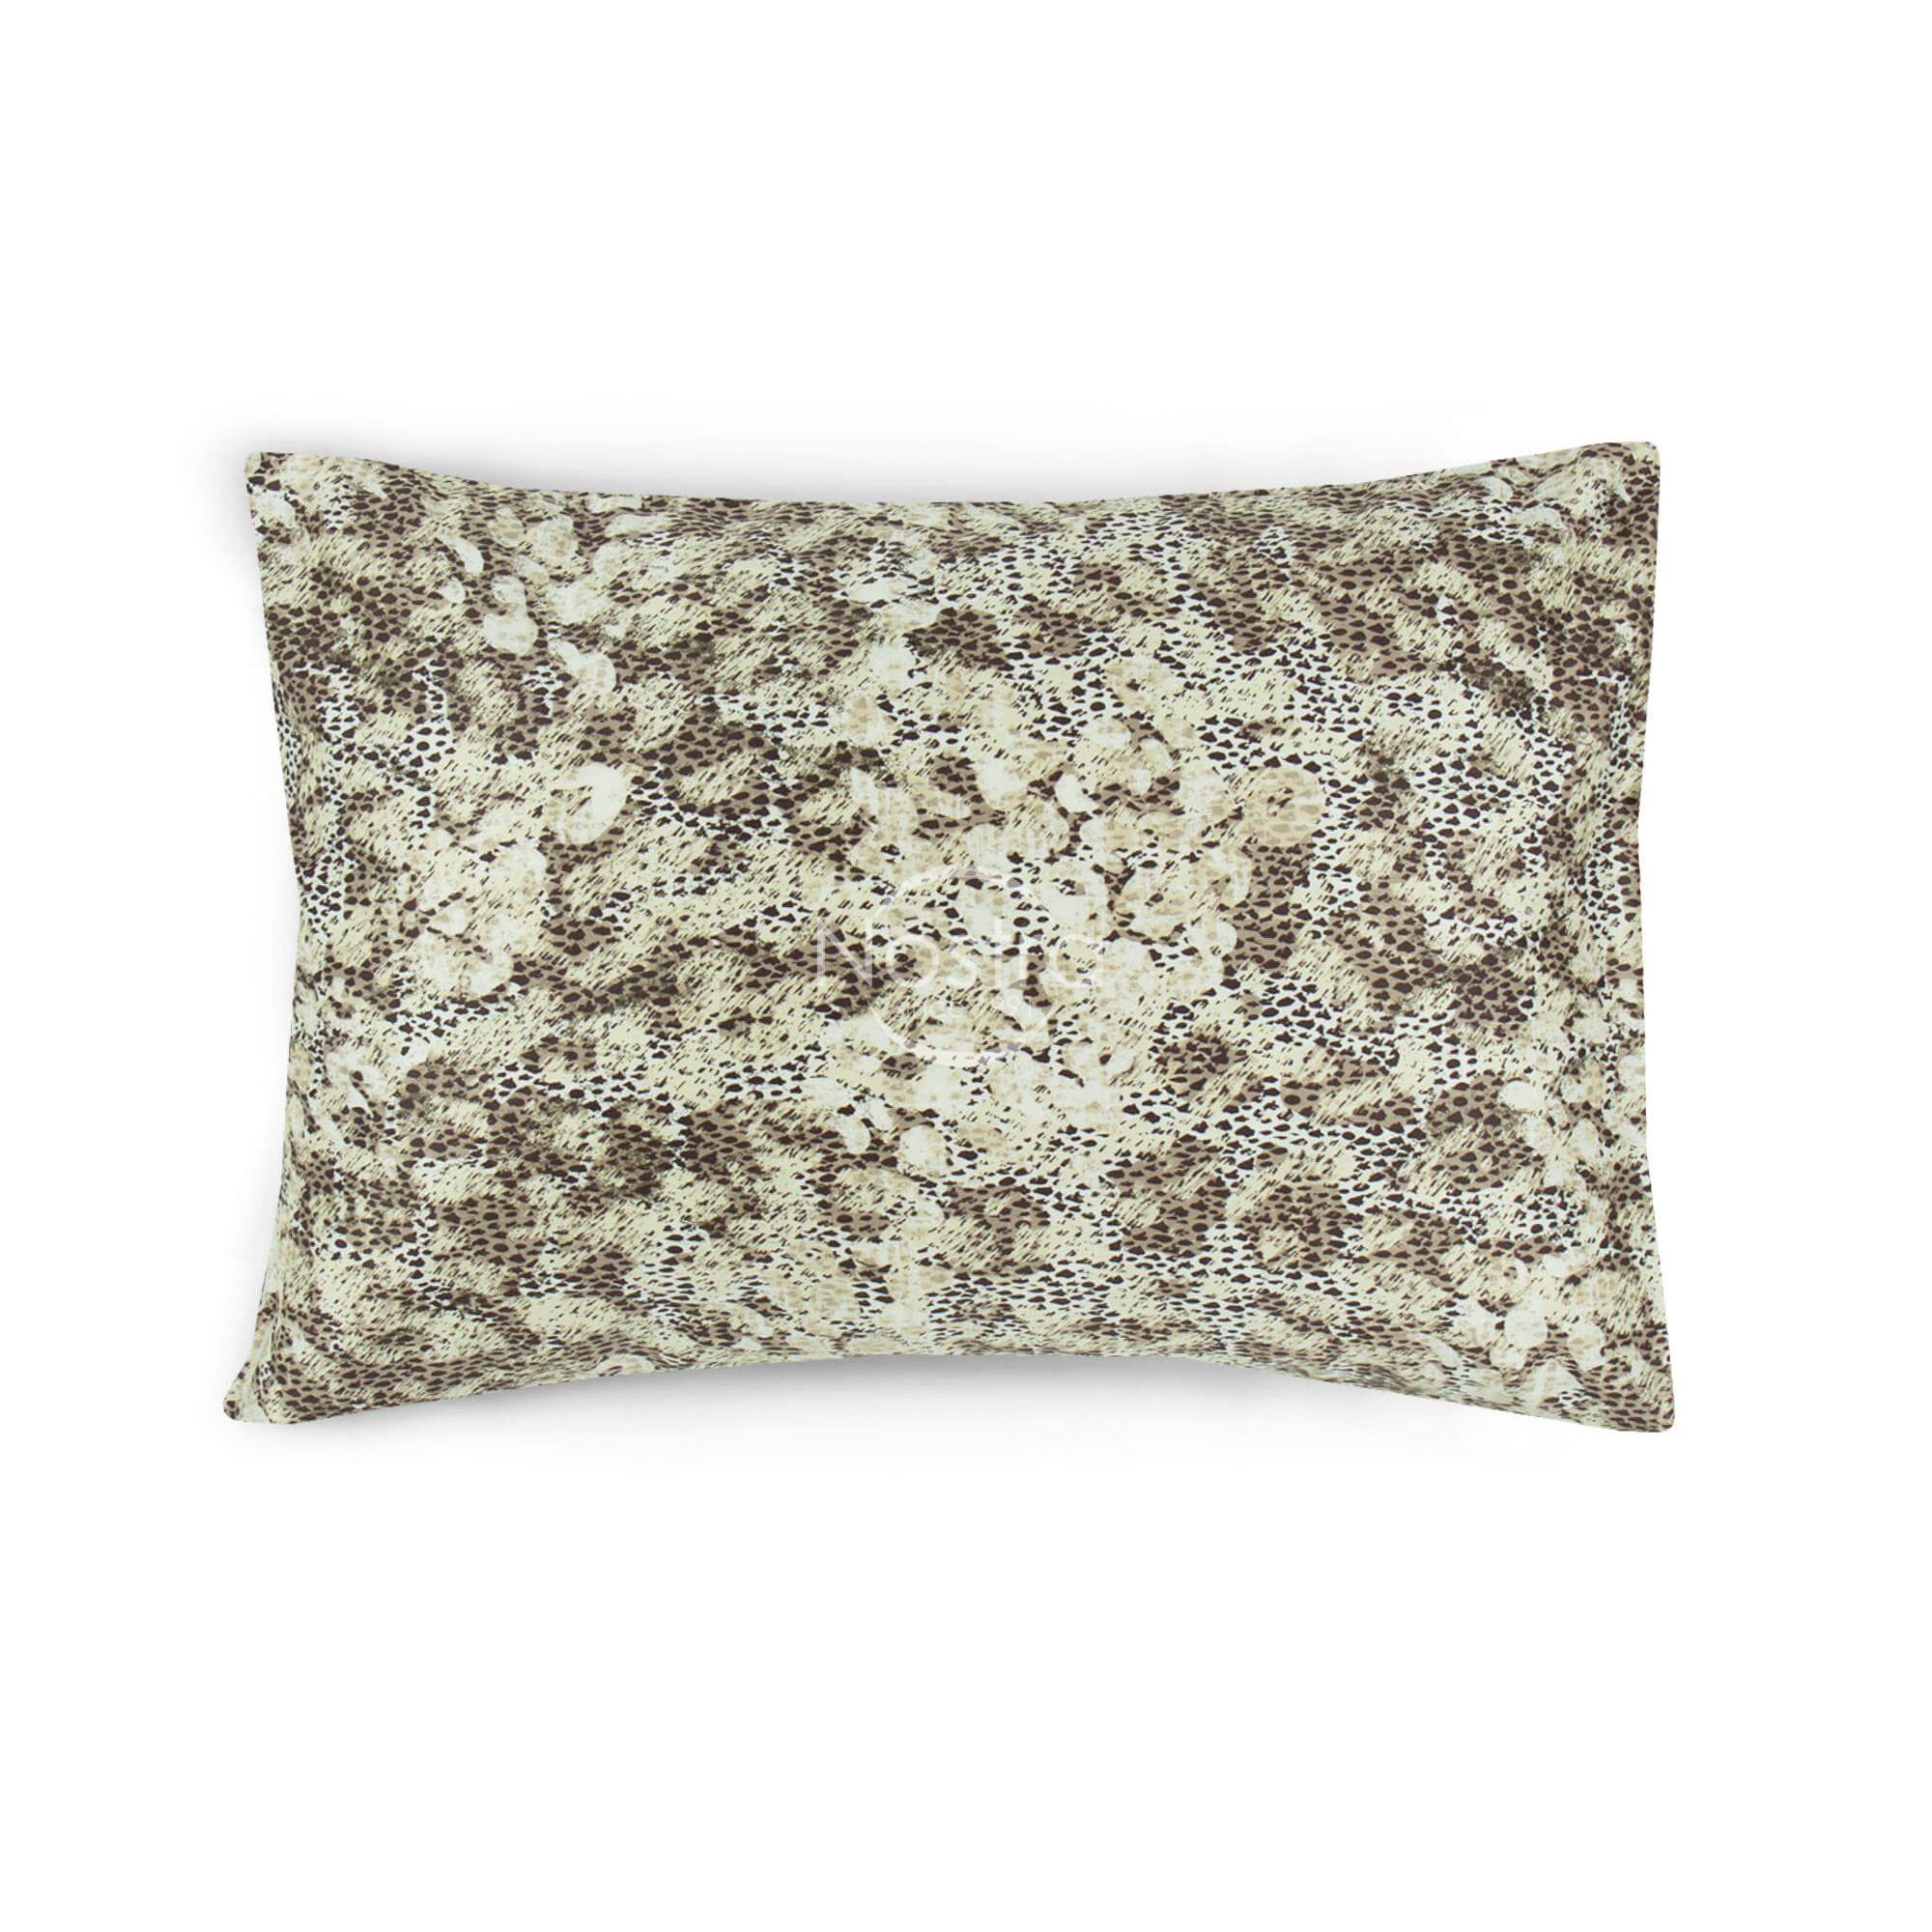 Satino pagalvės užvalkalas 40-0886-CACAO 50x70 cm